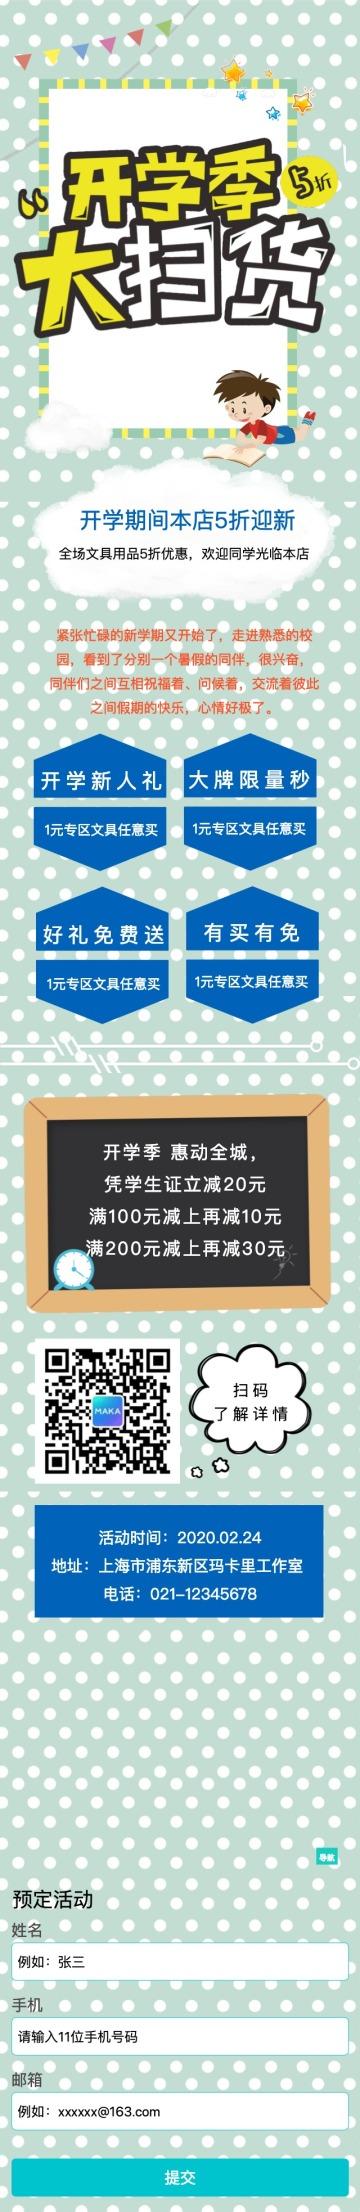 清新文艺开学季促销活动单页宣传推广